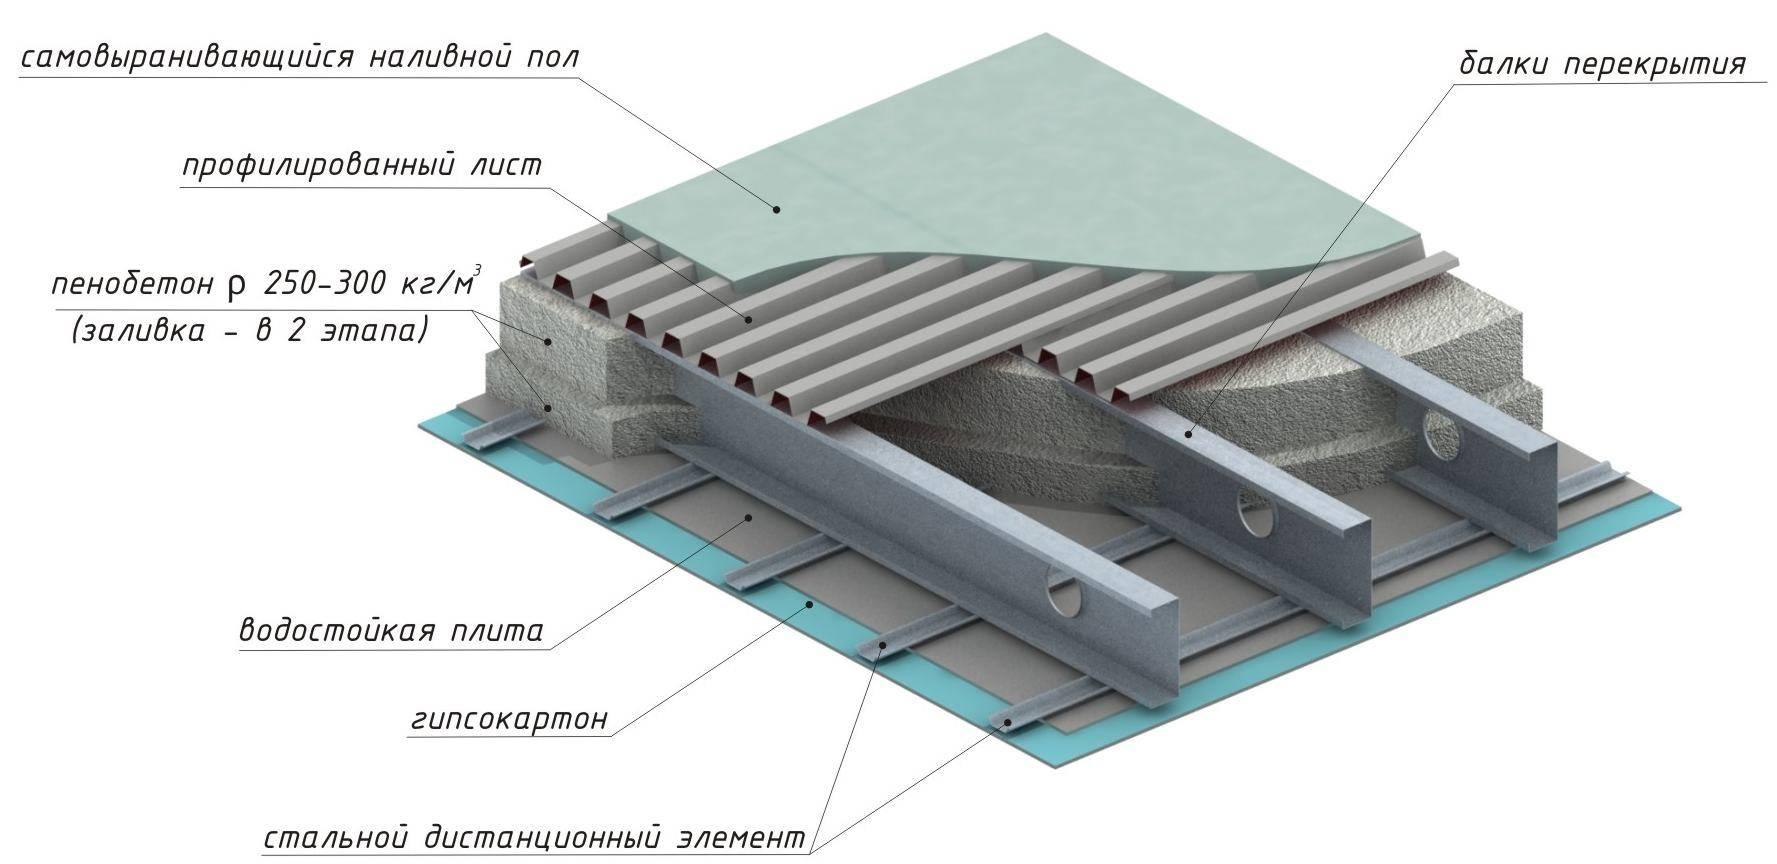 Монолитное перекрытие: устройство и технология монтажа монолитной плиты